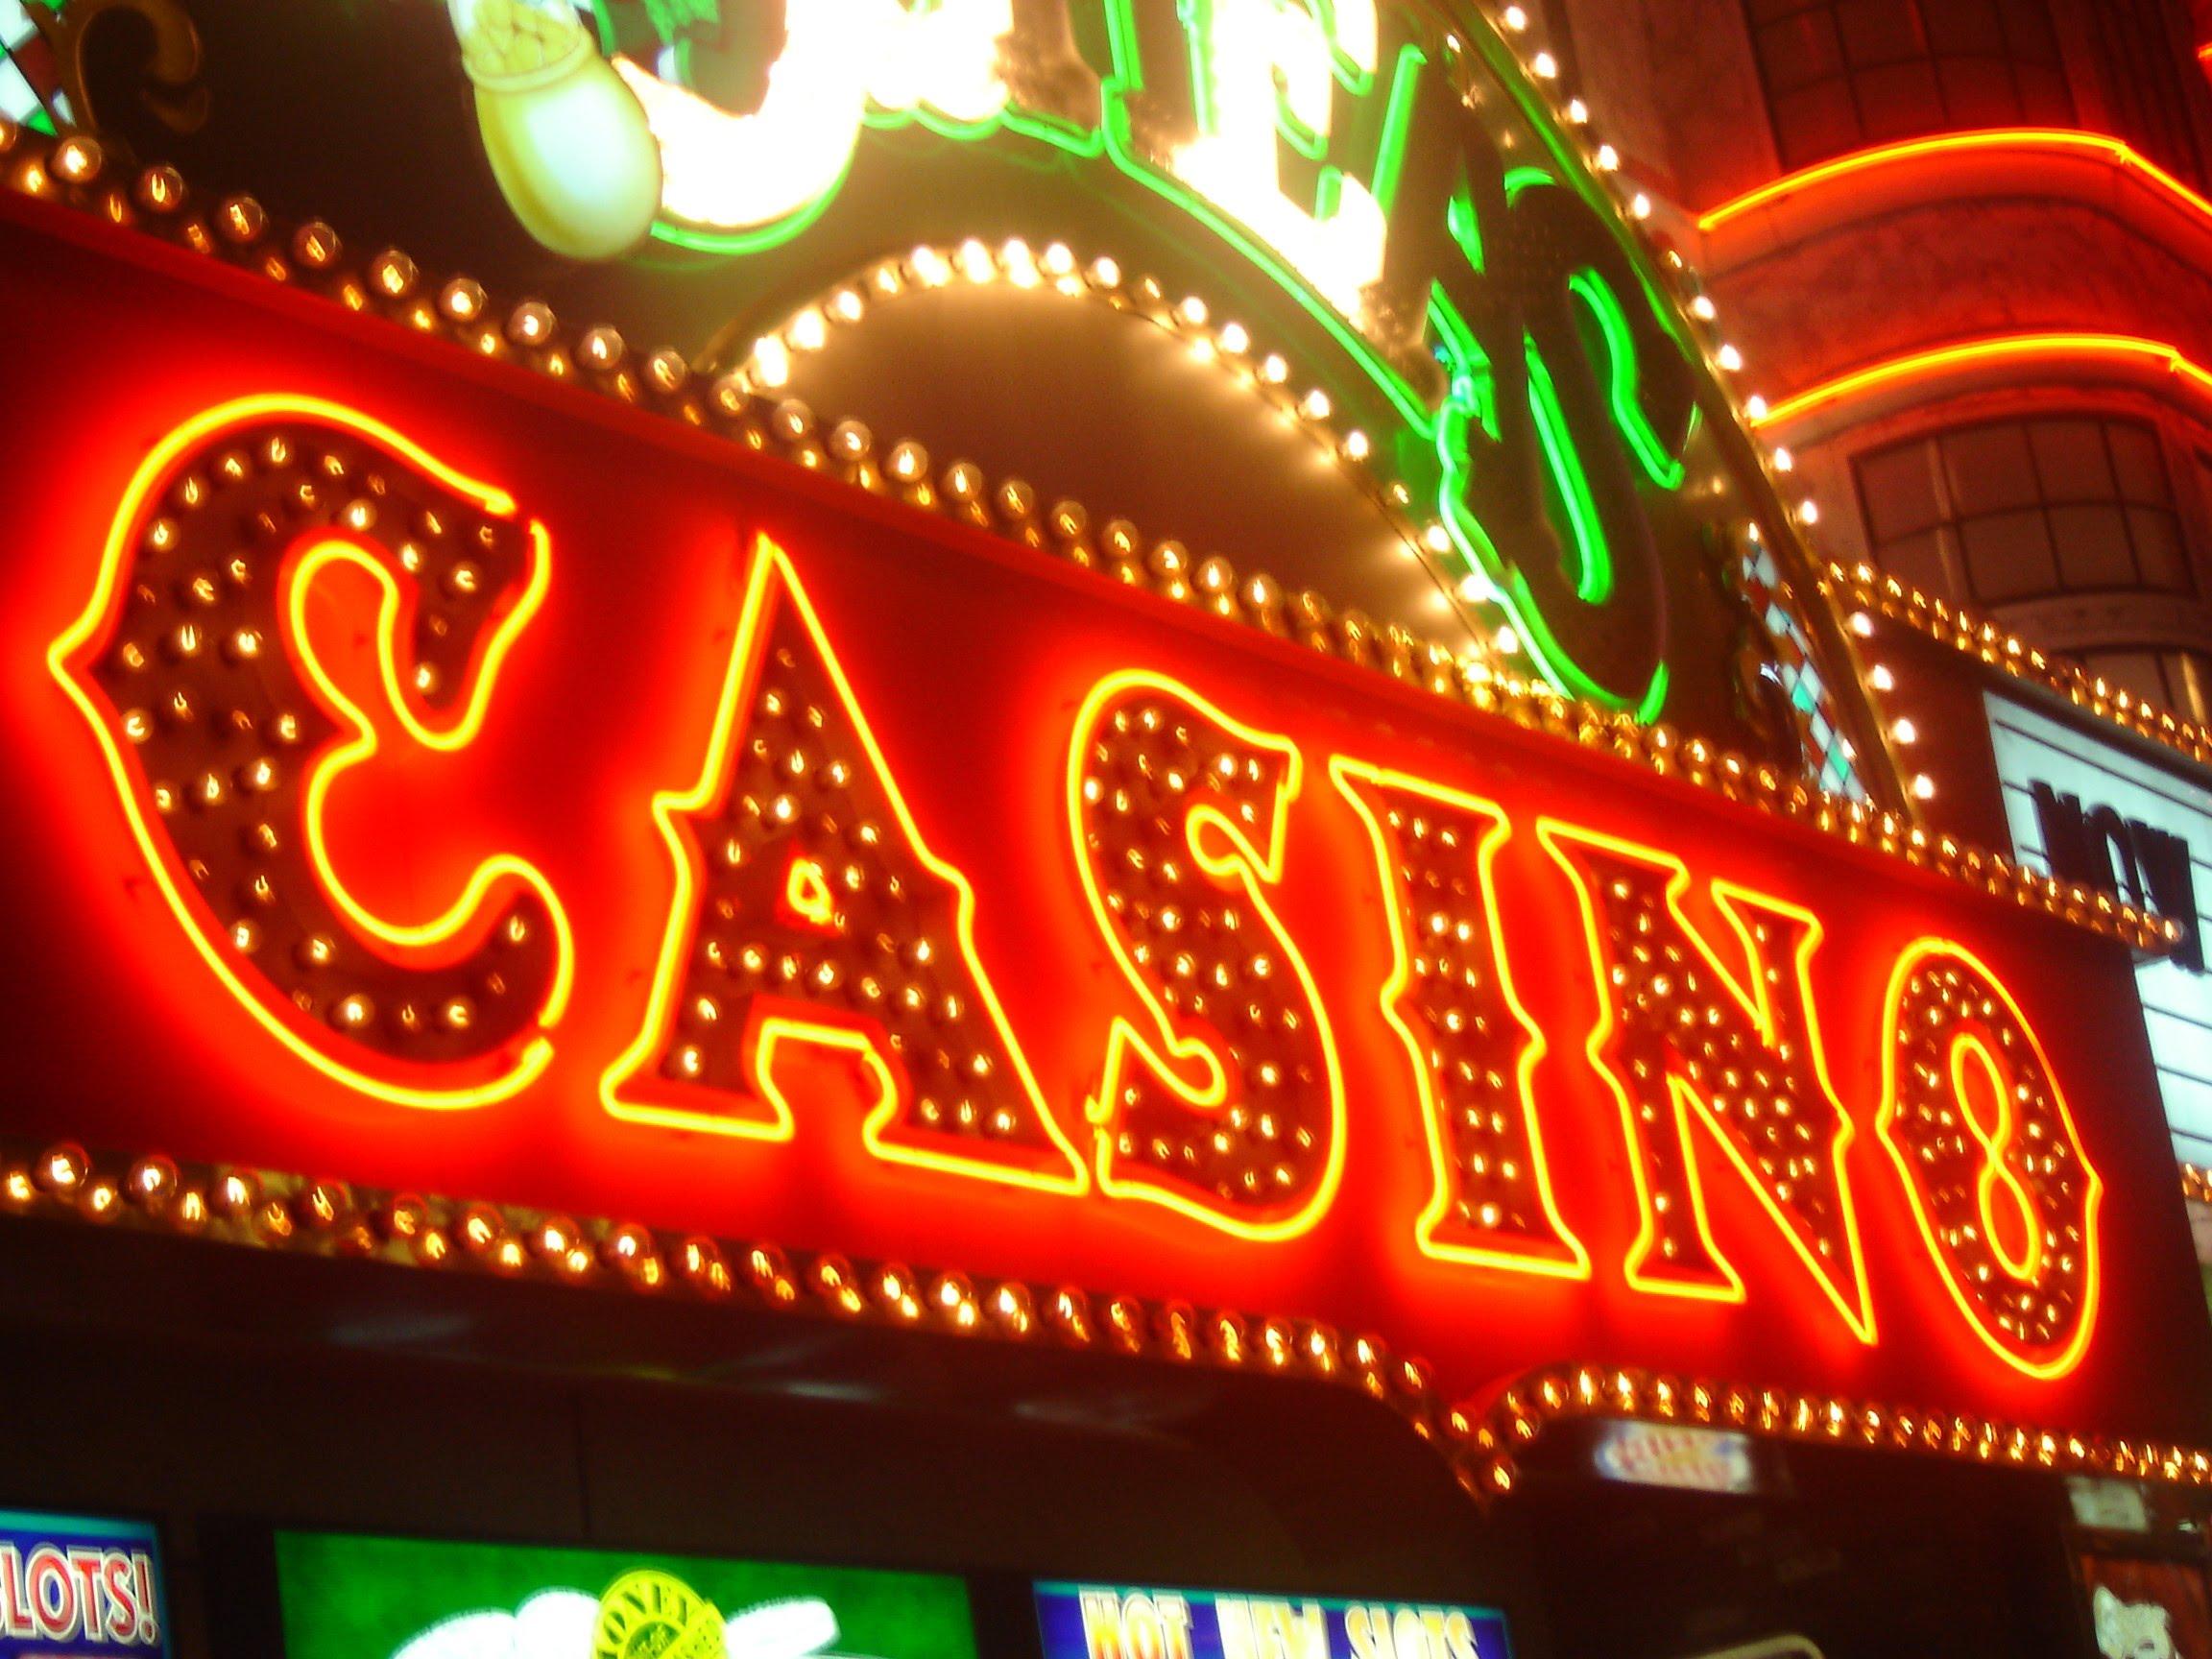 фильм казино рояль онлайн бесплатно в хорошем качестве